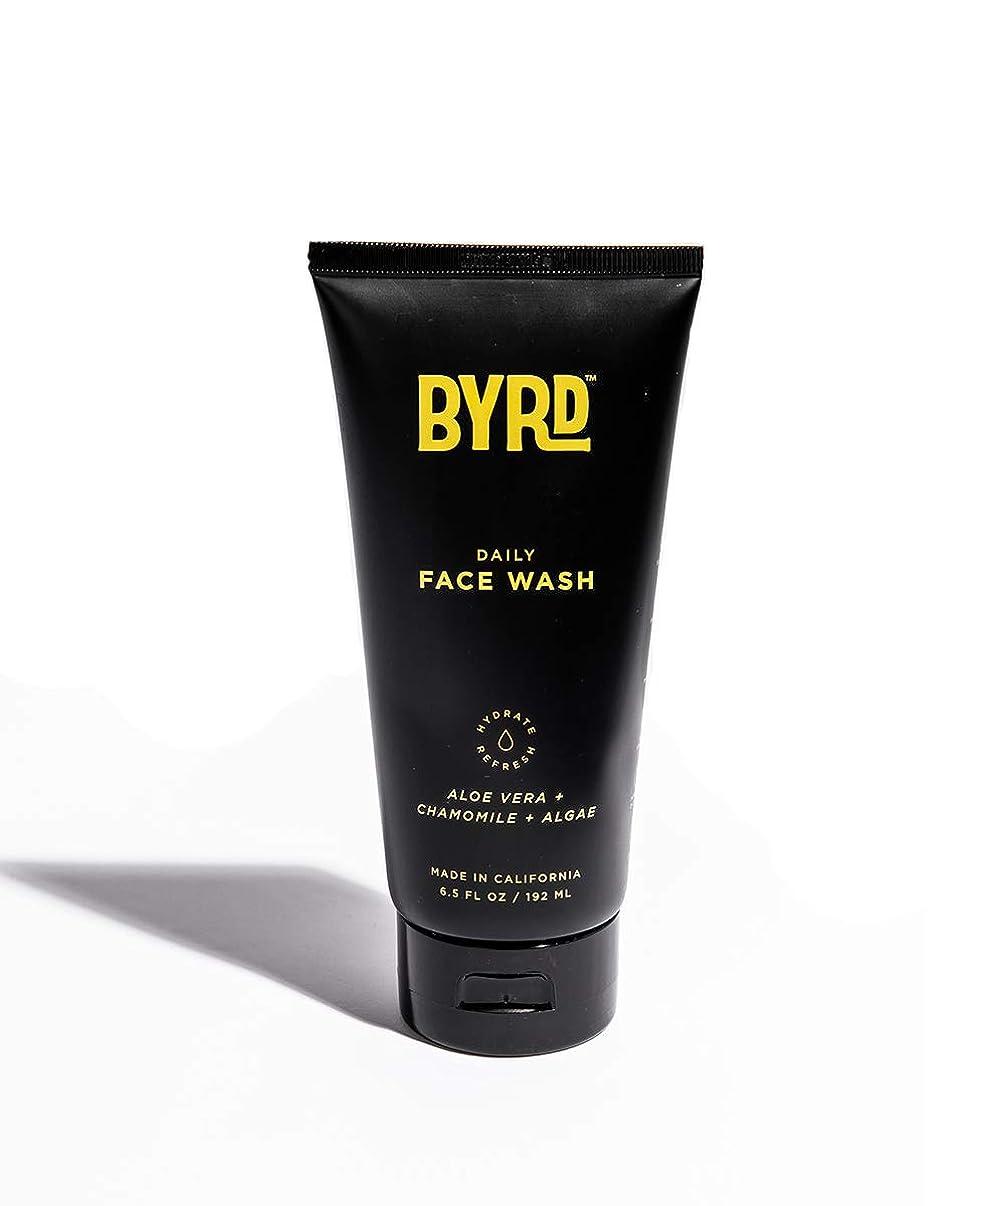 治す真向こう何もないBYRD/フェイスウォッシュ メンズコスメ 洗顔 天然成分 スッキリ さっぱり